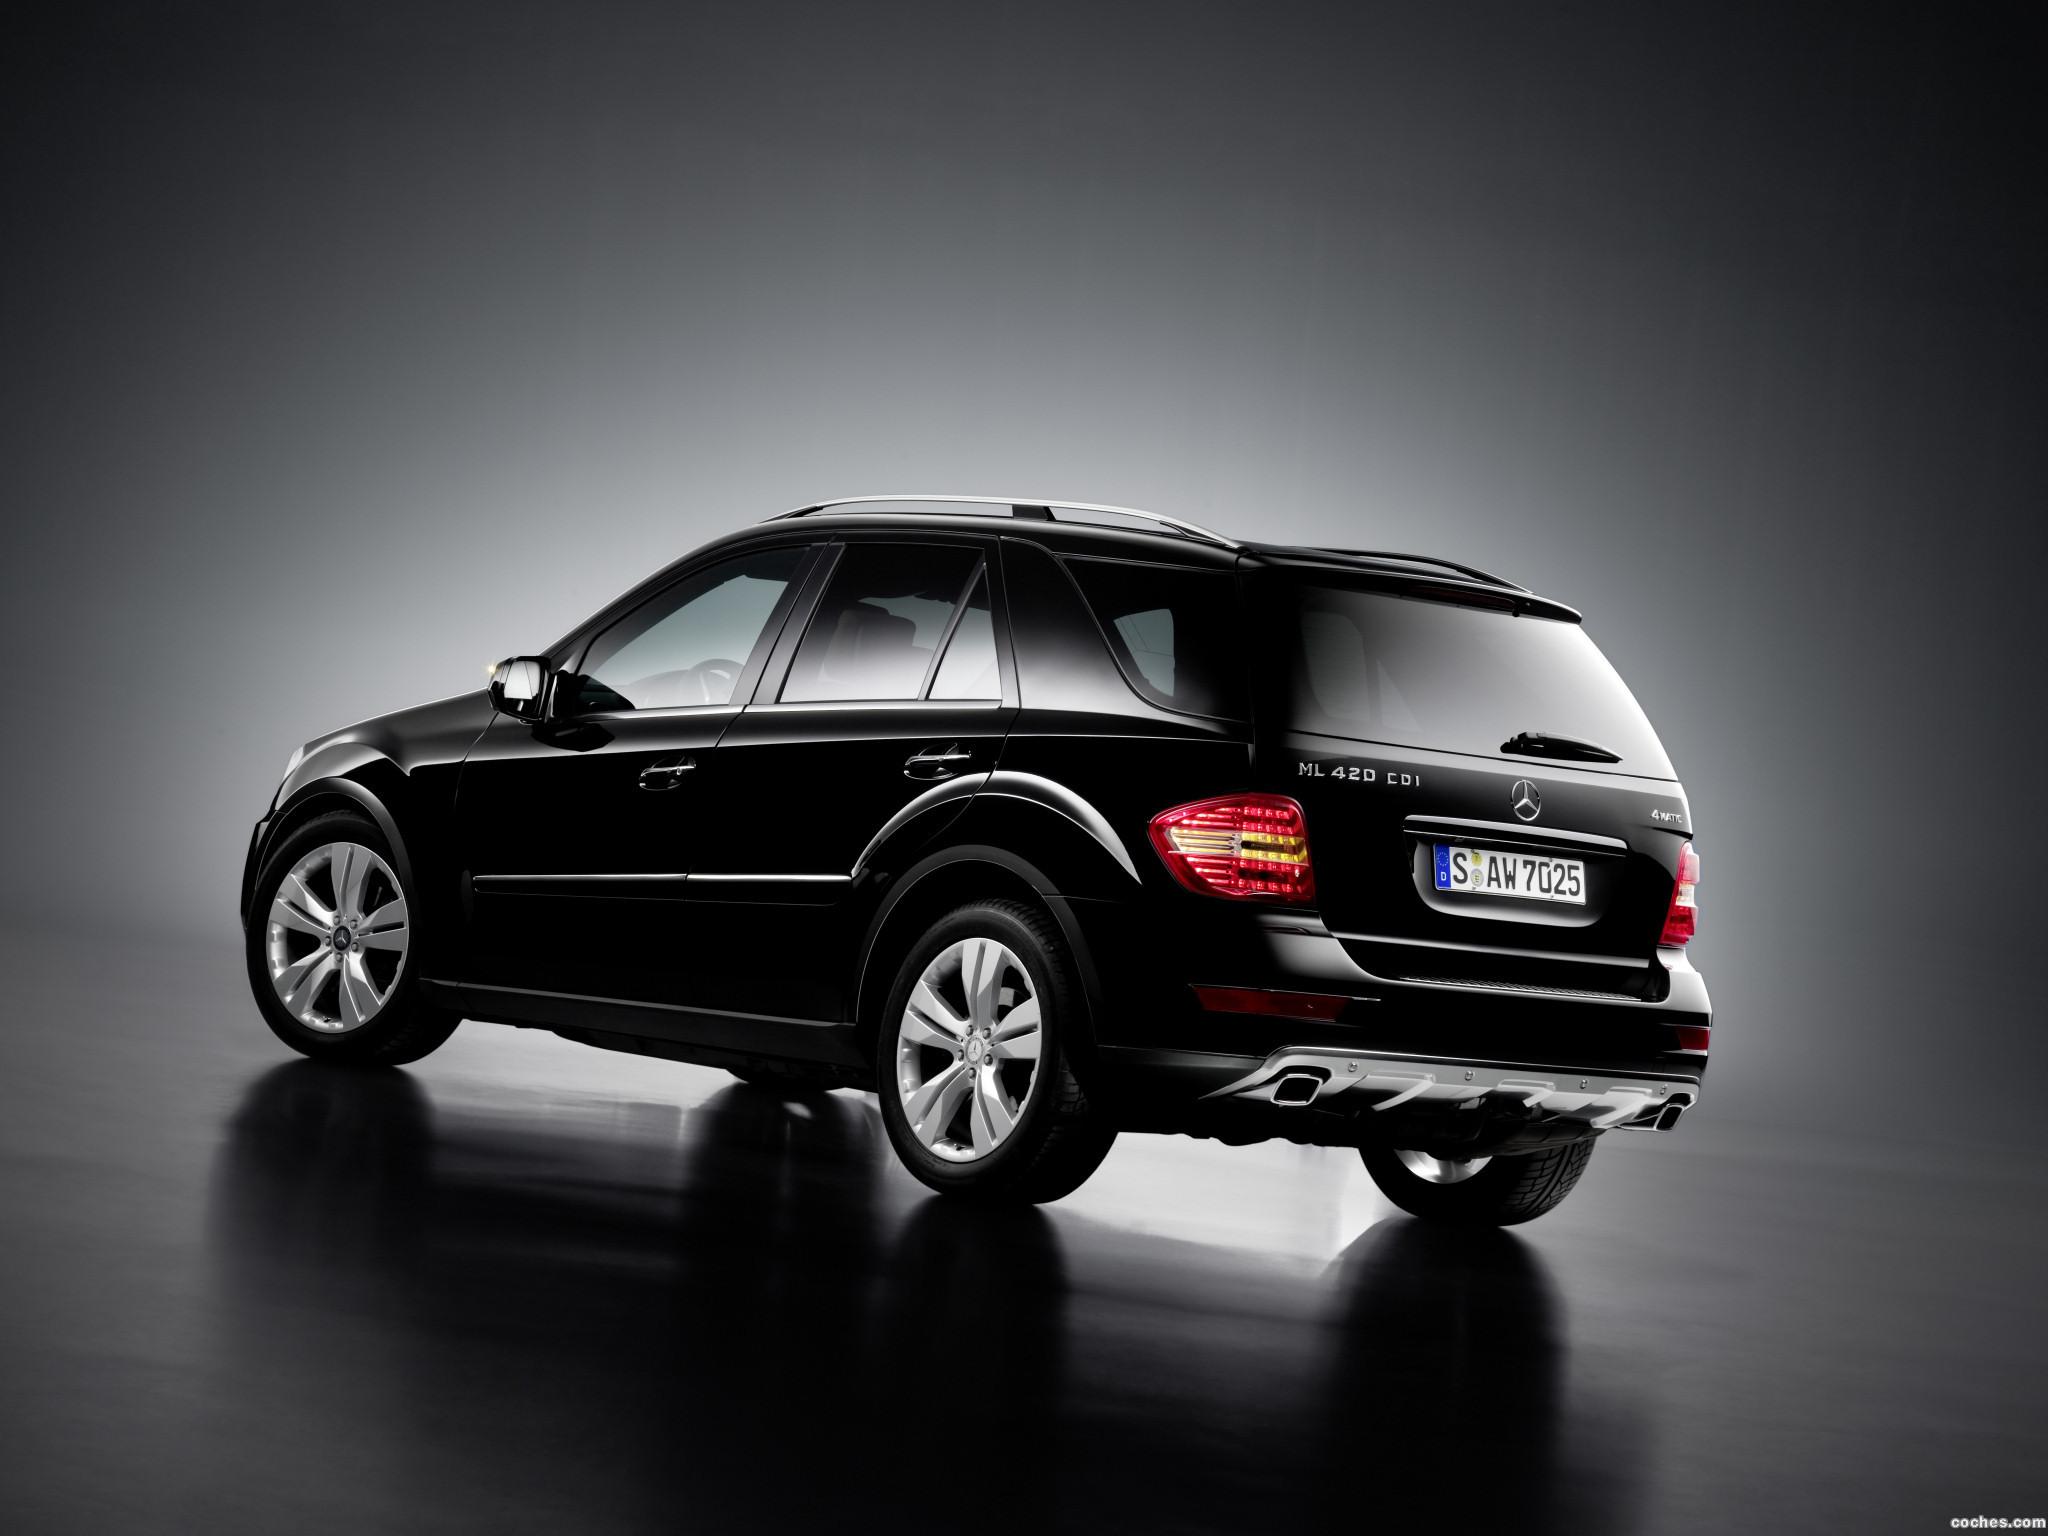 Foto 1 de Mercedes Clase M ML420 CDI Facelift 2008